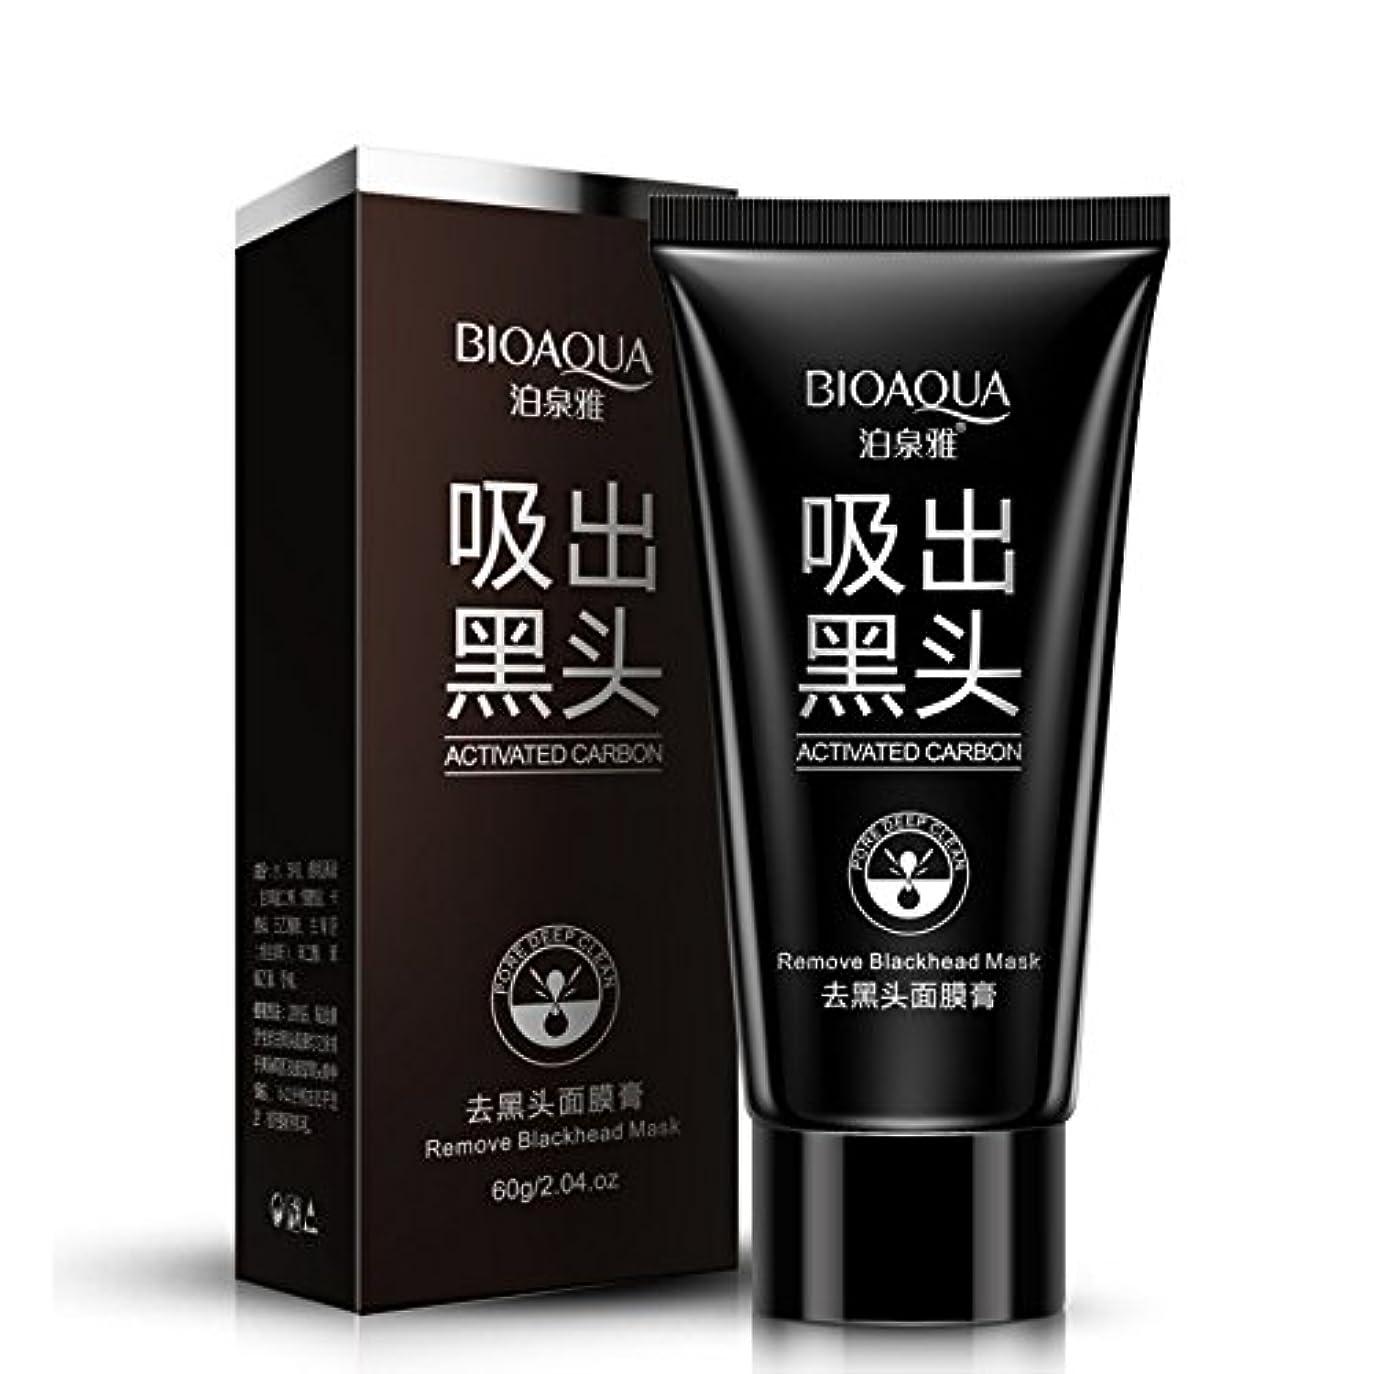 マークすなわち警告するSuction Black Mask Shrink Black Head Spots Pores,Face Mask Blackhead Removal Blackheads Cosmetics Facials Moisturizing...